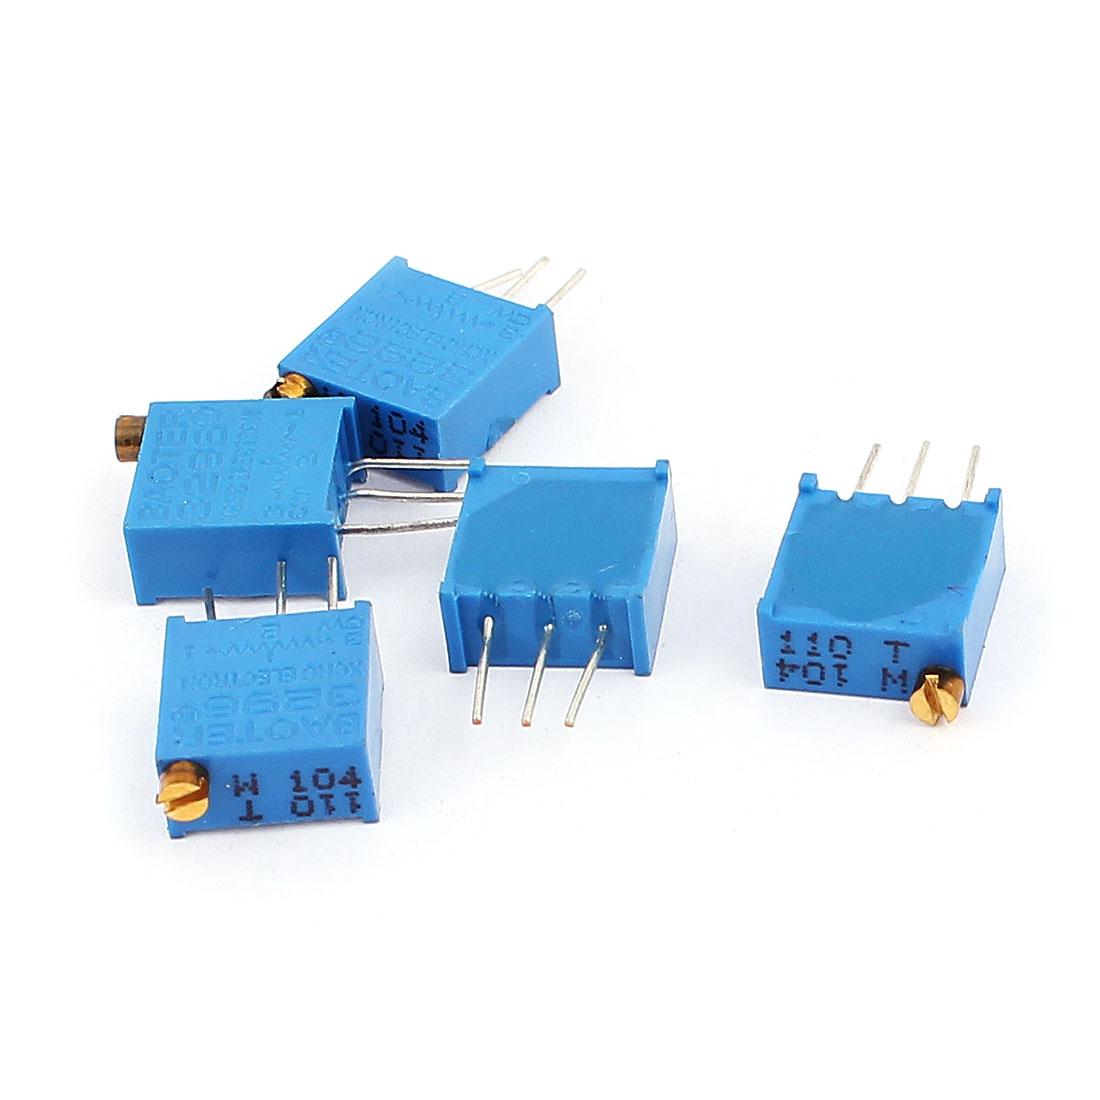 5 Pcs 3296W 100K ohm Variable Resistor Adjustable Resistance for Multiturn Potentiometer